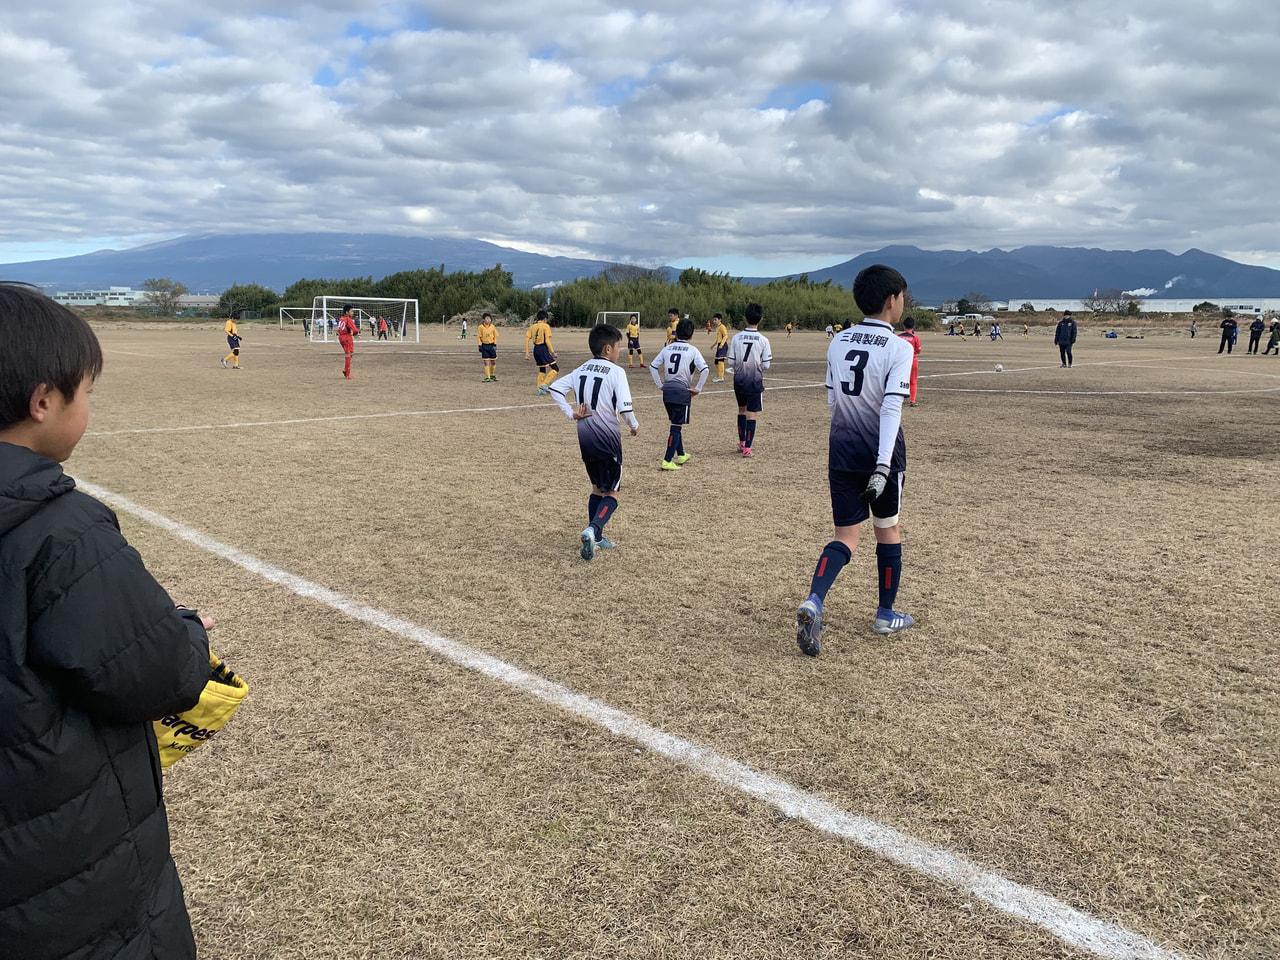 静岡カップ 富士市少年サッカー大会2019